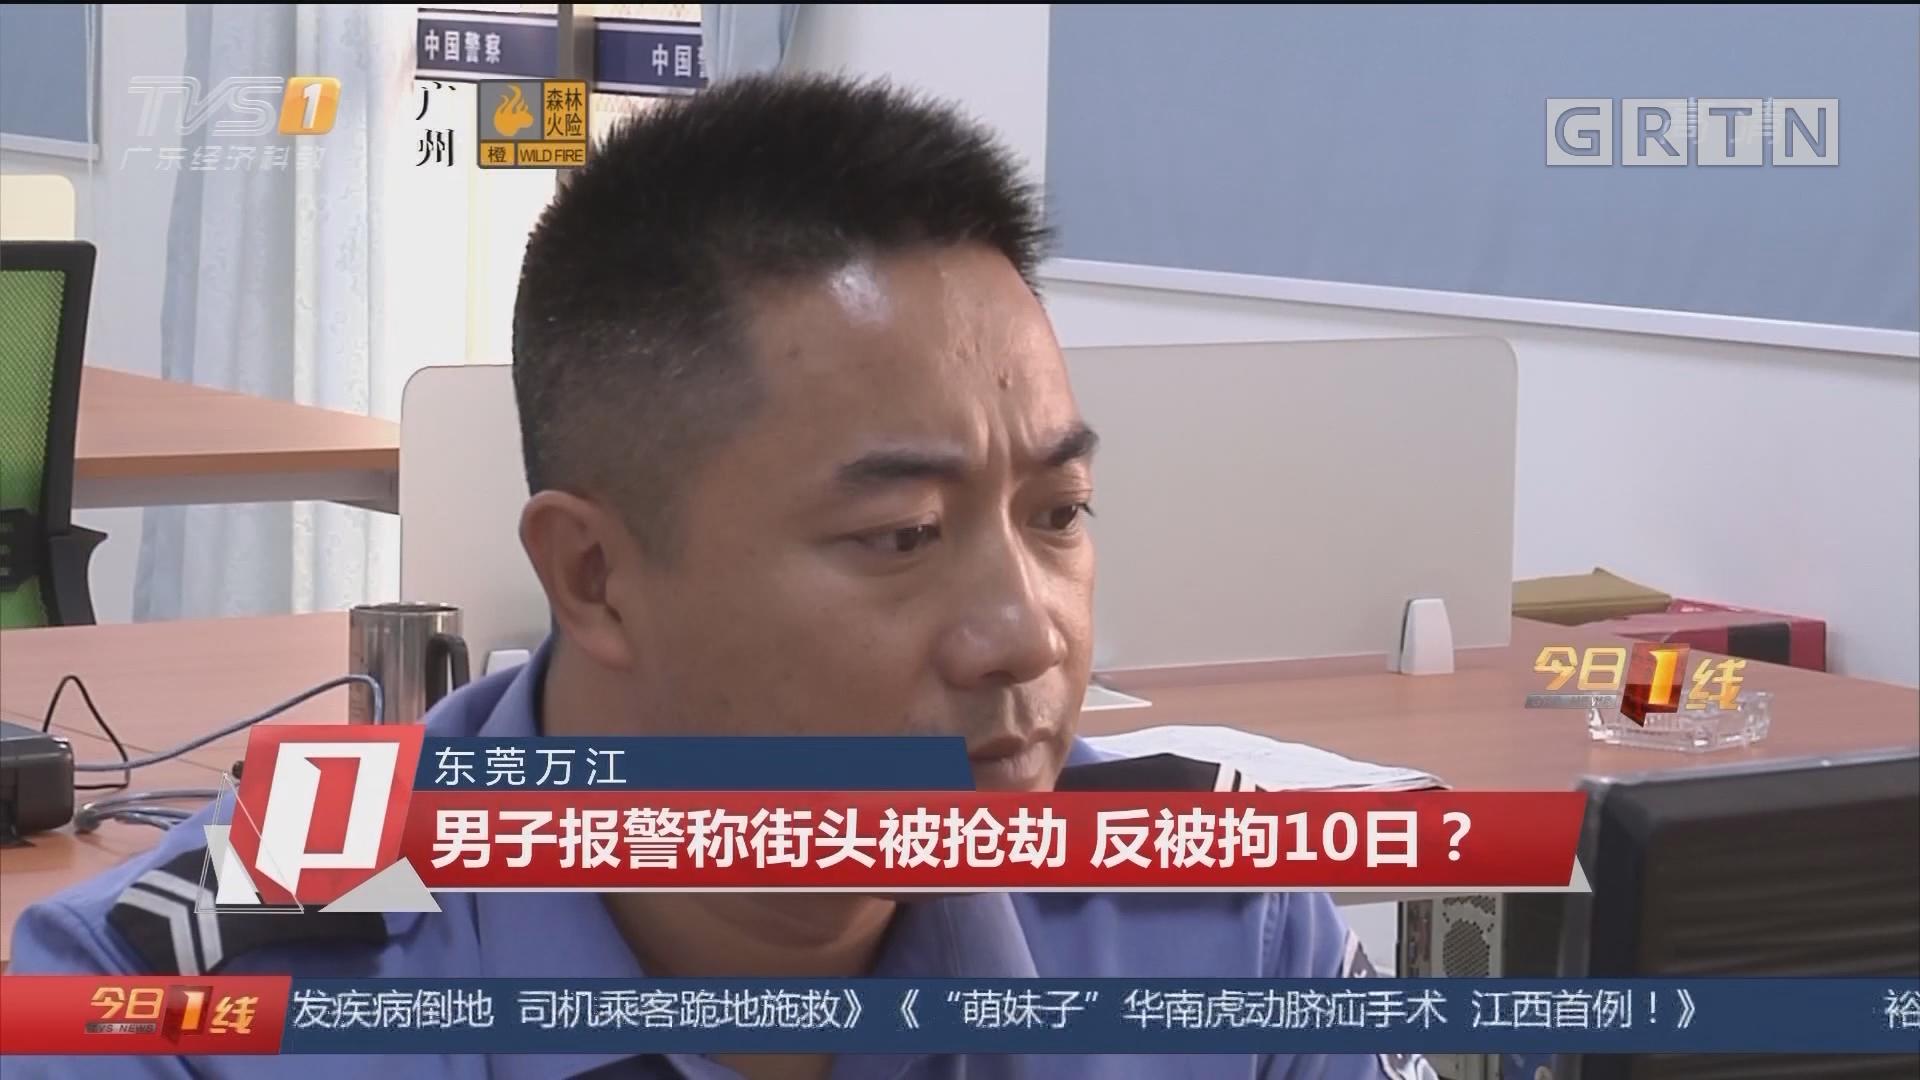 東莞萬江:男子報警稱街頭被搶劫 反被拘10日?